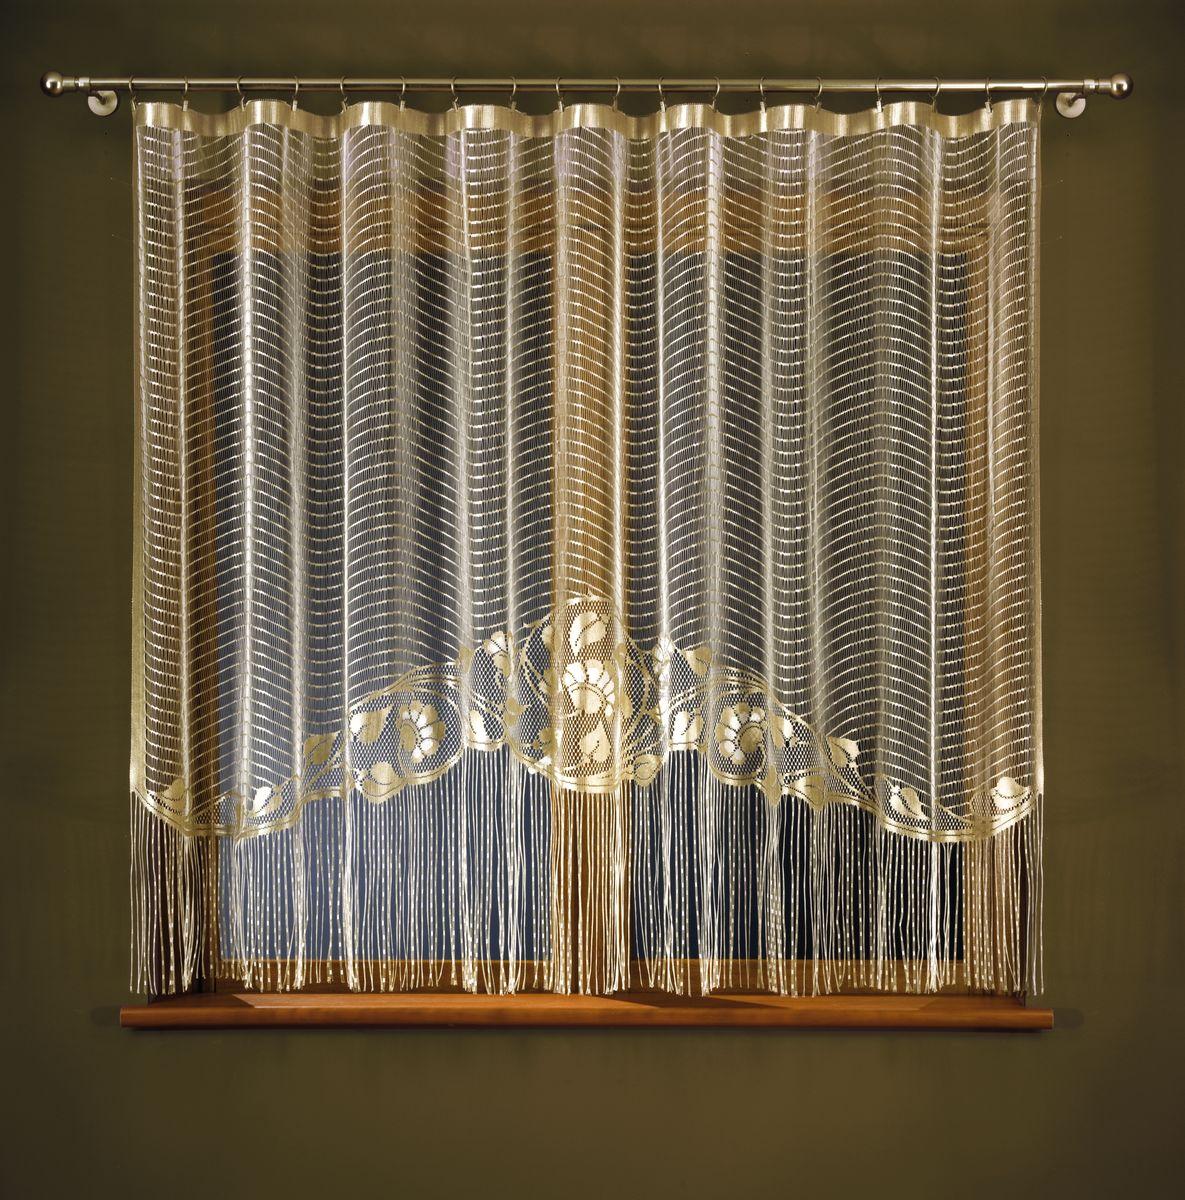 Гардина Wisan Ksenia, цвет: бежевый, высота 170 см257АГардина Wisan Ksenia, изготовлена из полиэстера, легкой, тонкой ткани. Изделие оформлено бахромой и цветочным рисунком. Тонкое плетение и оригинальный дизайн привлекут к себе внимание и органично впишутся в интерьер комнаты. Оригинальное оформление гардины внесет разнообразие и подарит заряд положительного настроения. Гардина не оснащена креплениями.